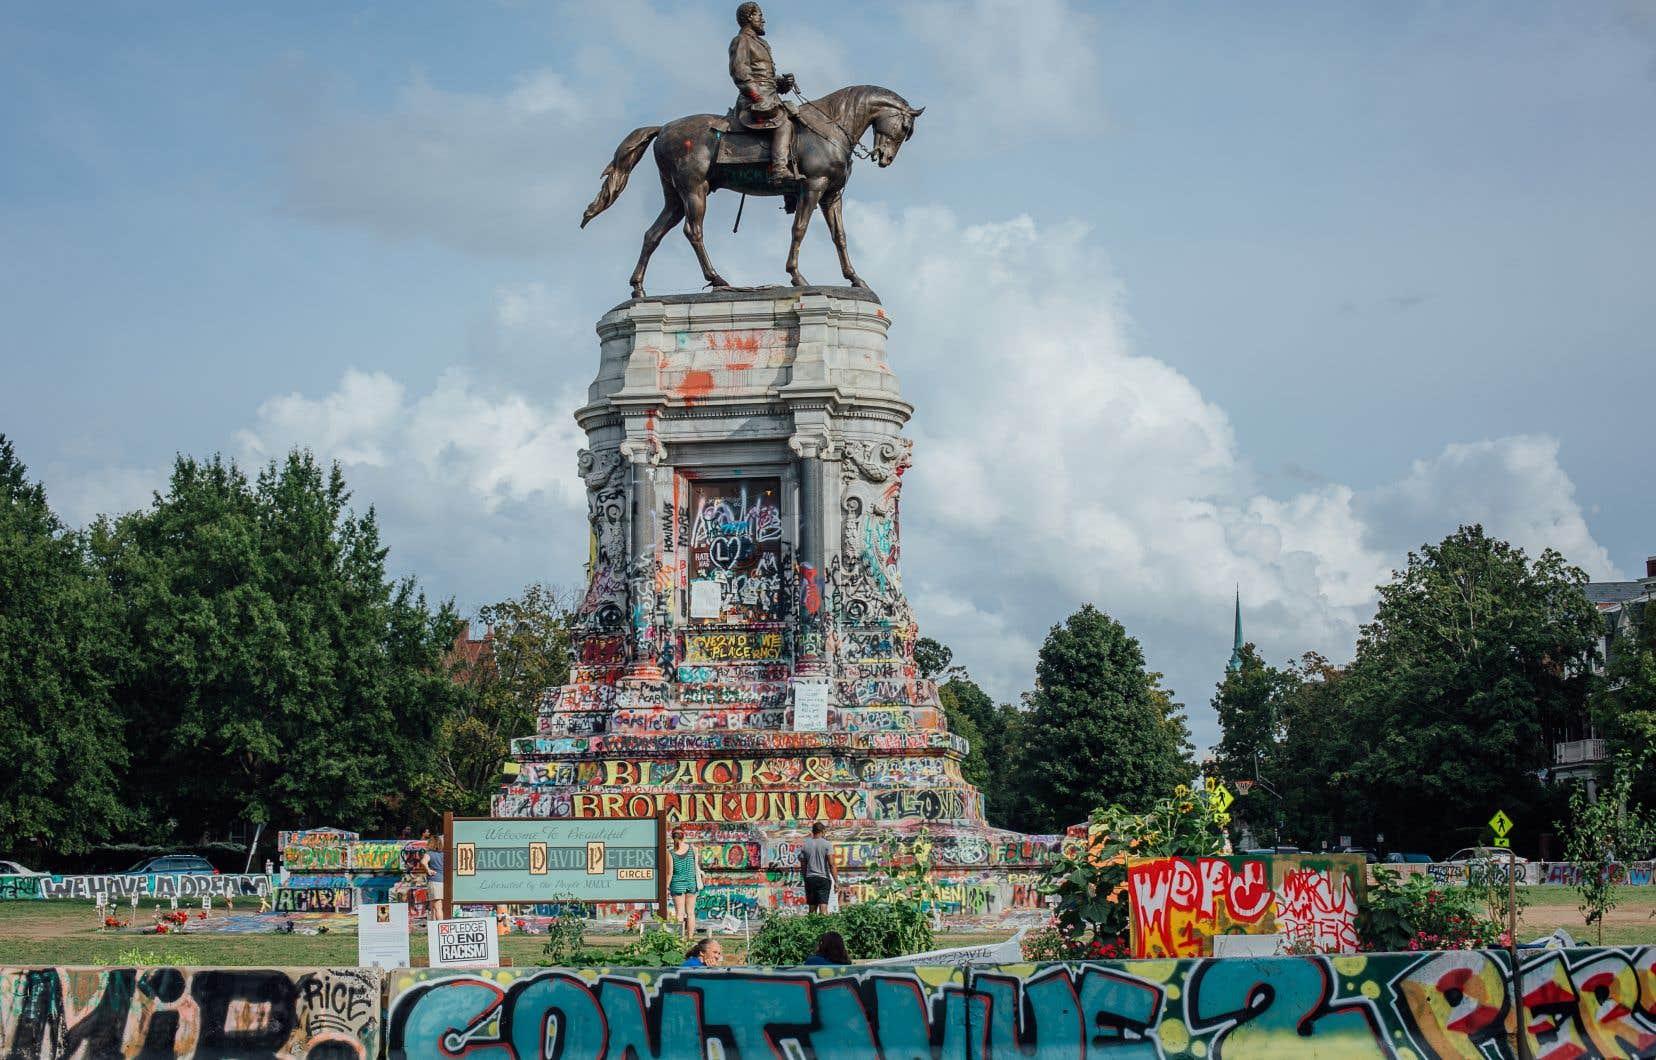 La statue du général Robert Lee, à Richmond, n'est pas défigurée; elle est plutôt transfigurée, peinte de slogans et de phrases antiracistes presque jusqu'aux pattes du cheval du confédéré.L'endroit est devenu un lieu de réunion, de protestation et d'expression artistique contre le racisme.